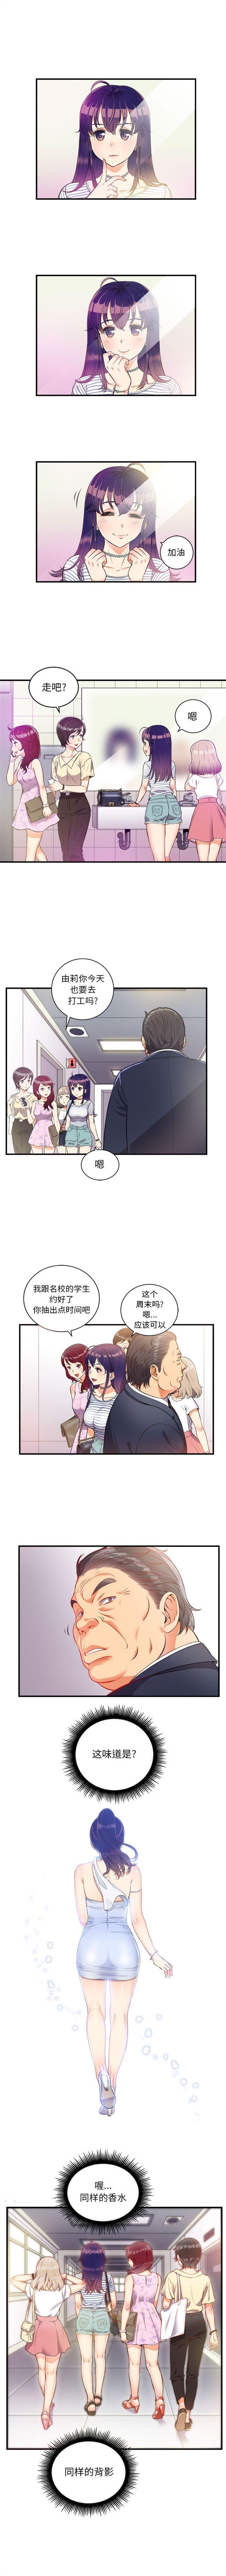 由莉的秘密1-60 中文翻译 (更新中) 76